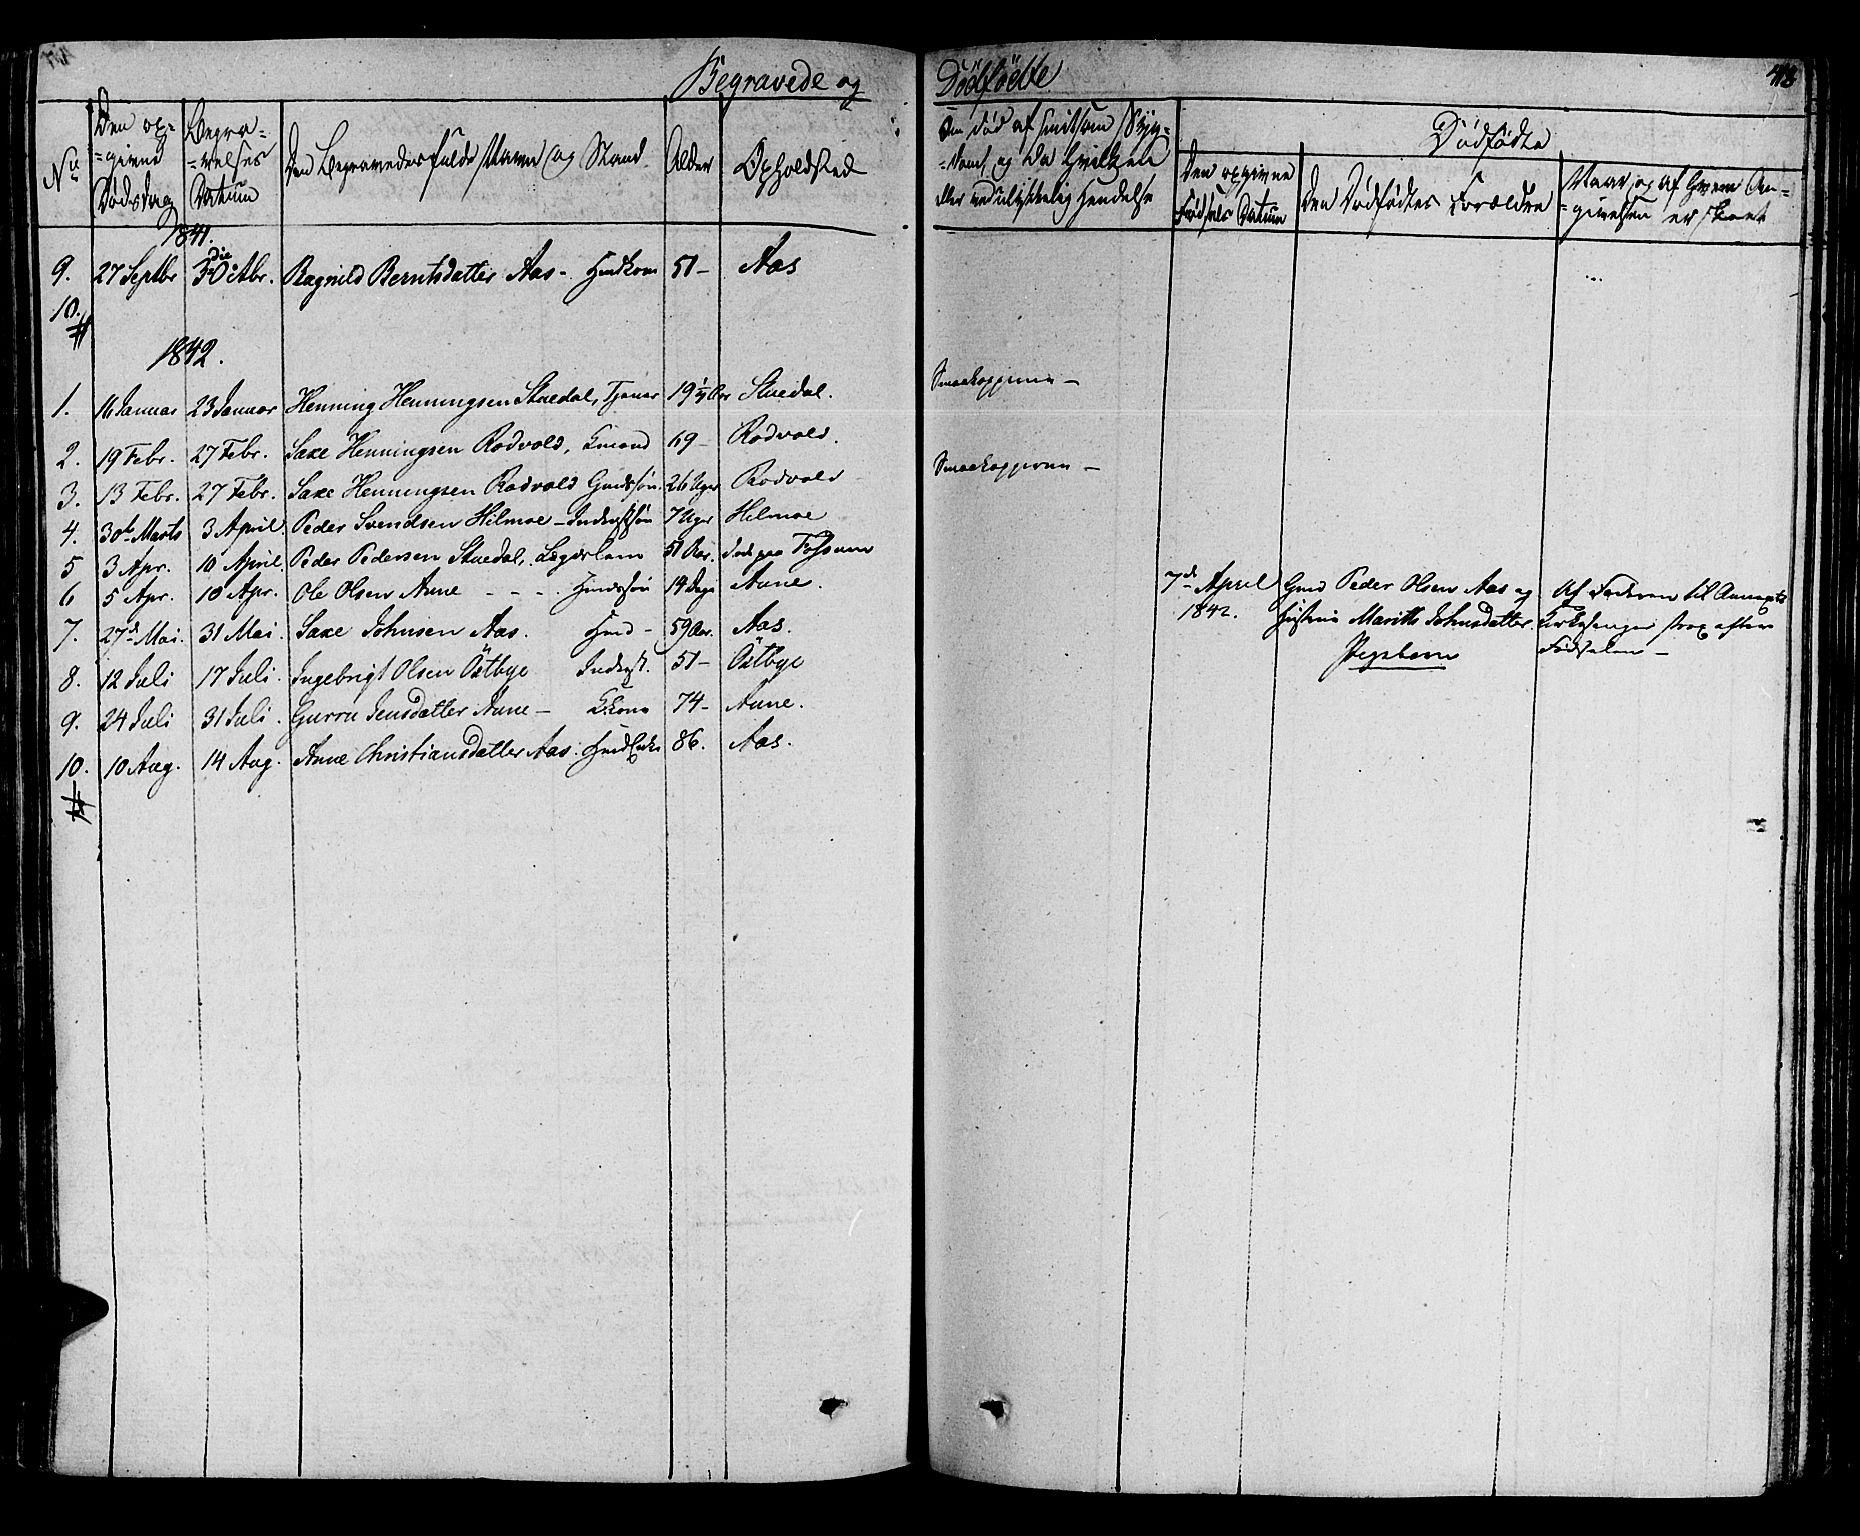 SAT, Ministerialprotokoller, klokkerbøker og fødselsregistre - Sør-Trøndelag, 695/L1144: Ministerialbok nr. 695A05 /2, 1824-1842, s. 418